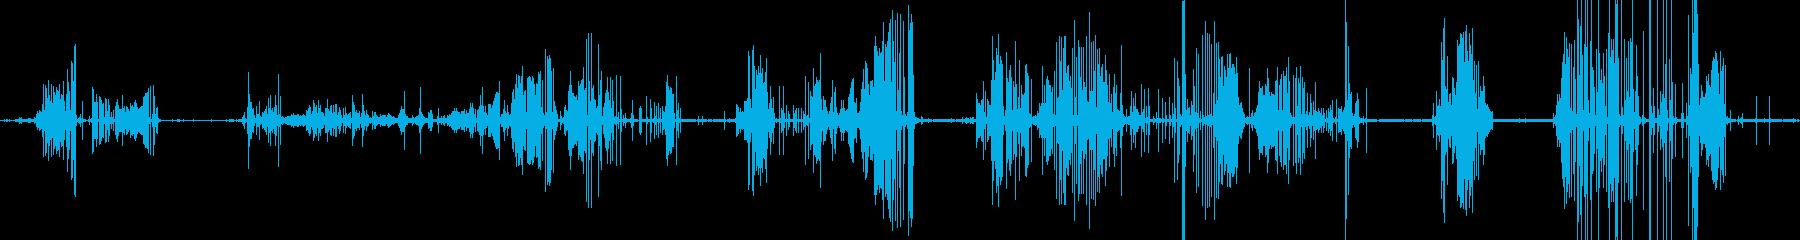 レザーシューキーキーズロングテイクの再生済みの波形